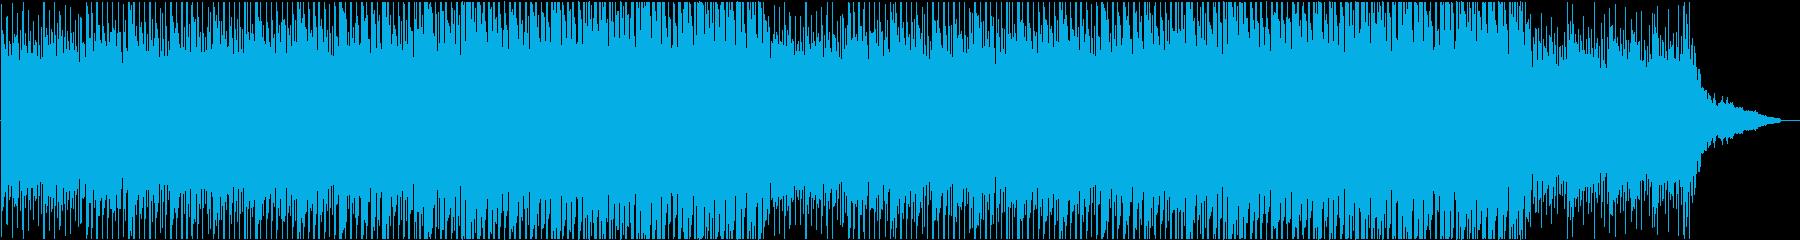 ギターとピアノの明るいポップな企業CMの再生済みの波形